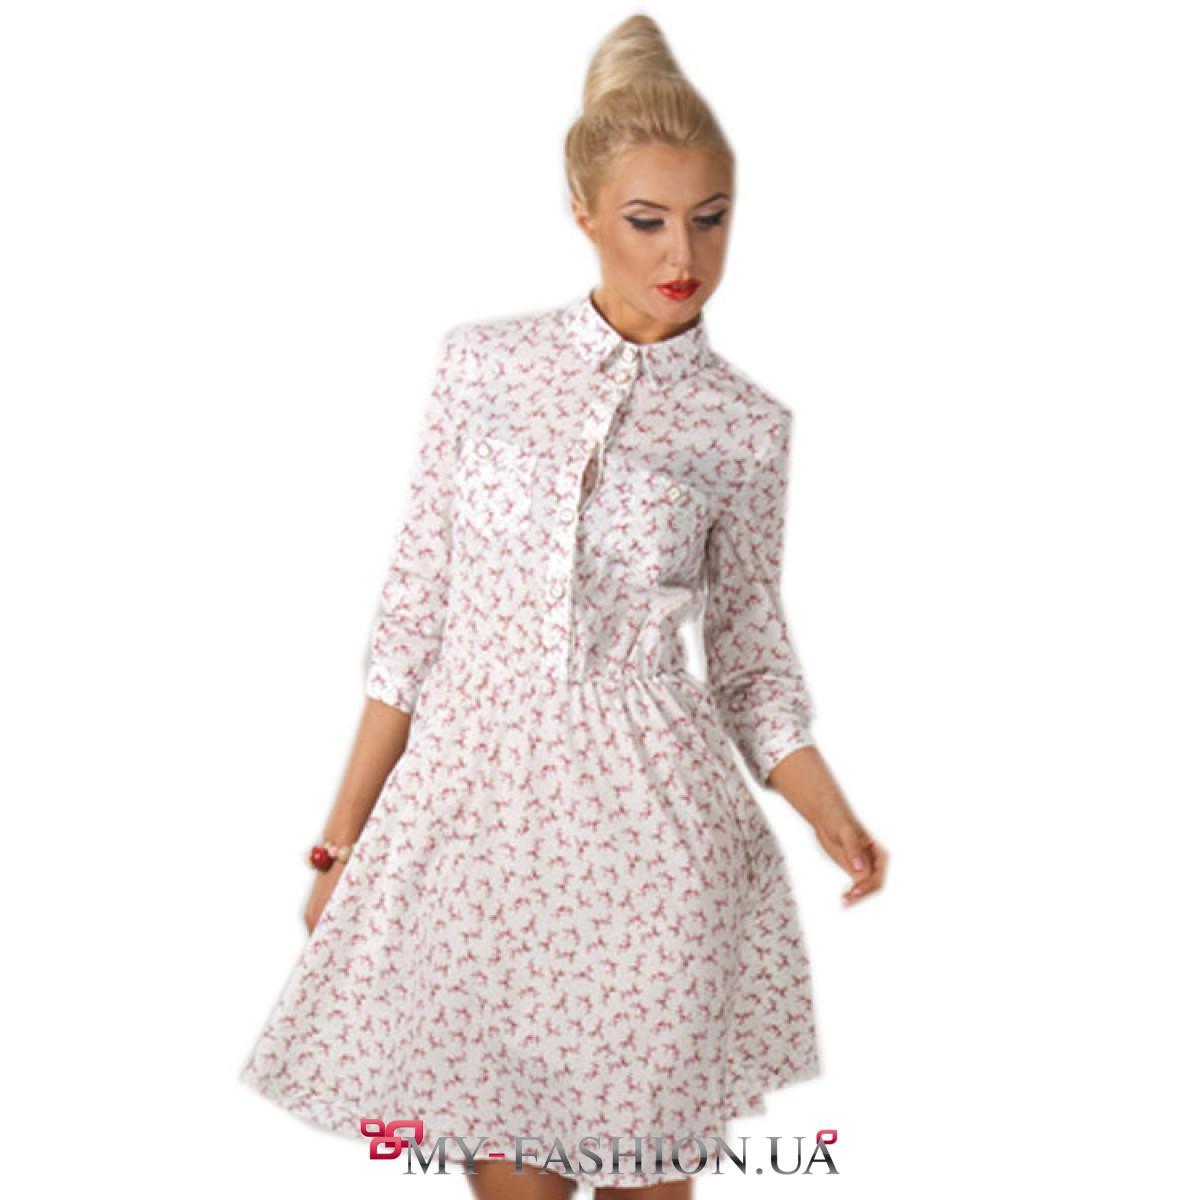 Купить лёгкое платье на лето